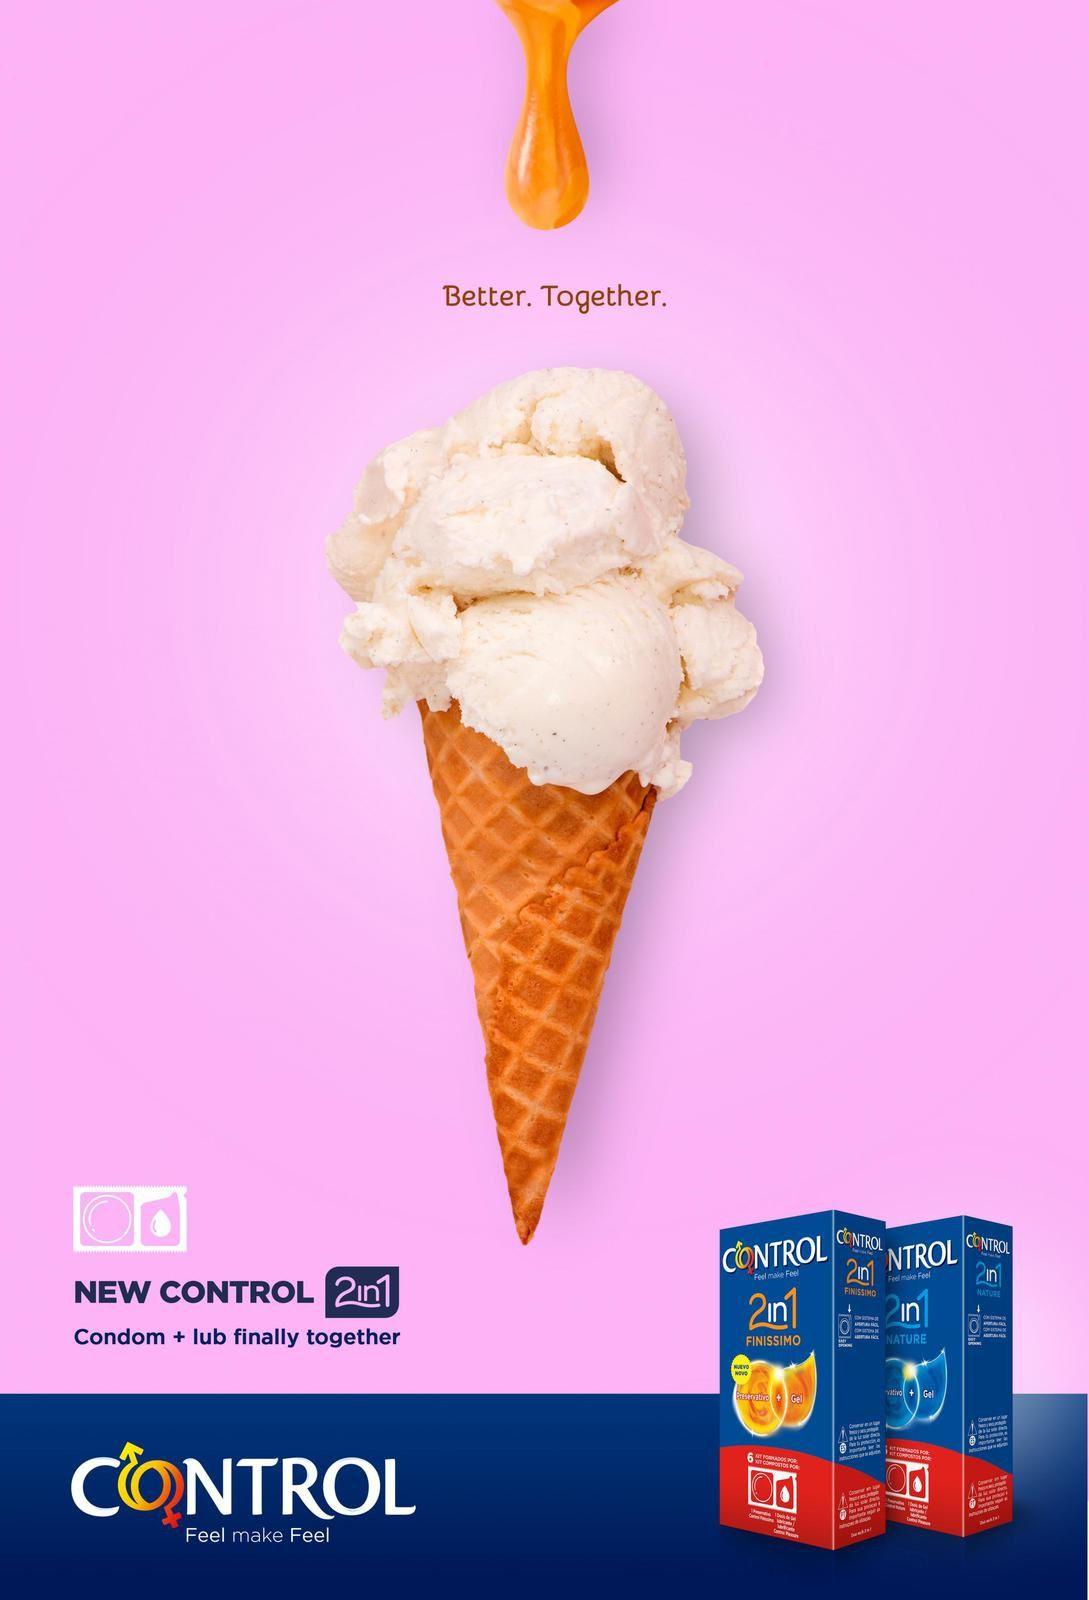 """Control : """"Better. Together. New CONTROL 2in1 Condom+lub finally together"""" (préservatifs) I Agence : September, Madrid, Espagne (juin 2016)"""